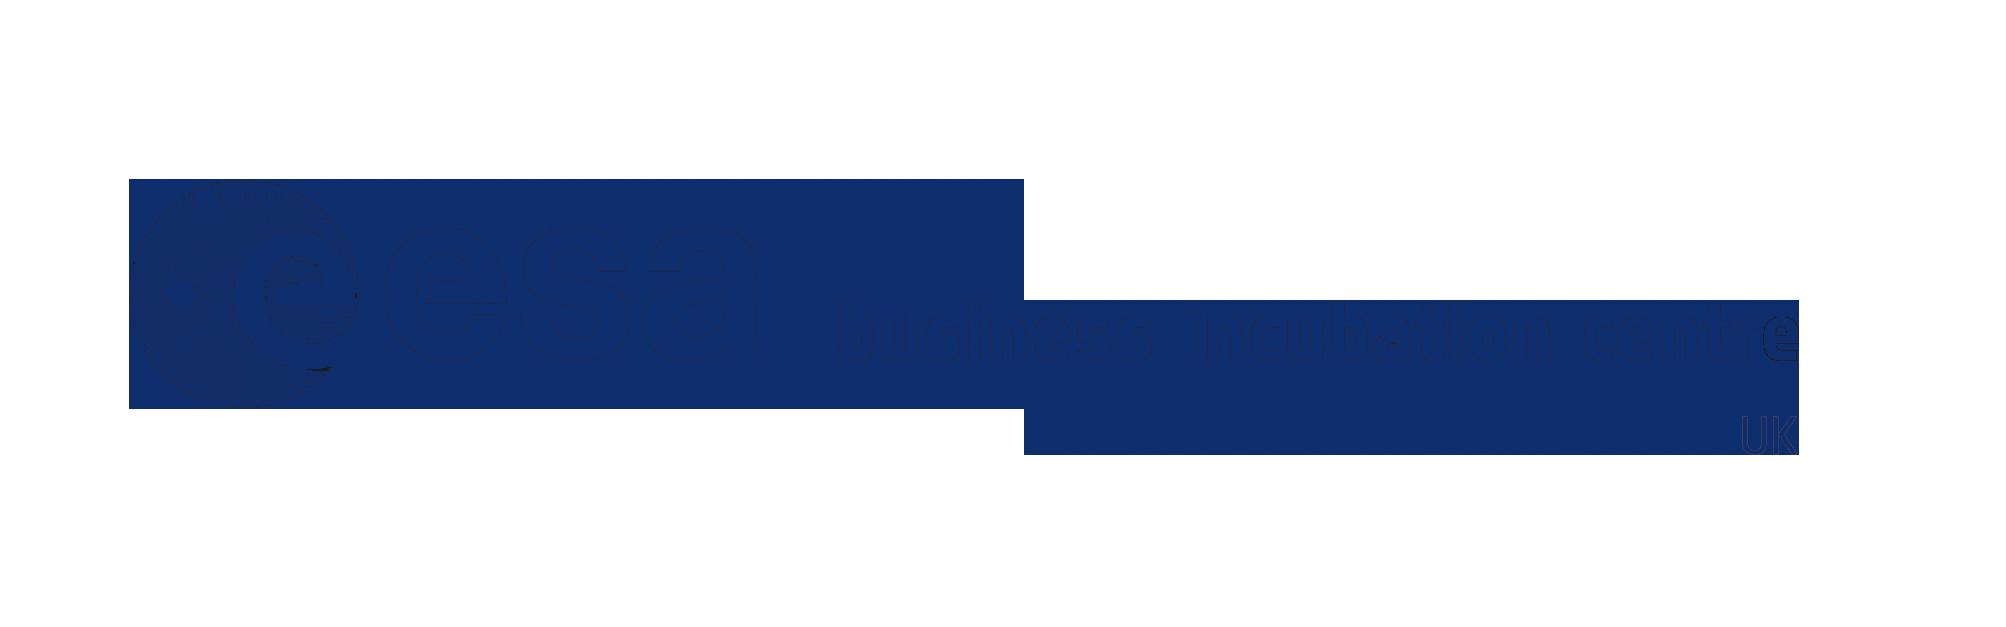 ESA BIC Harwell Logo